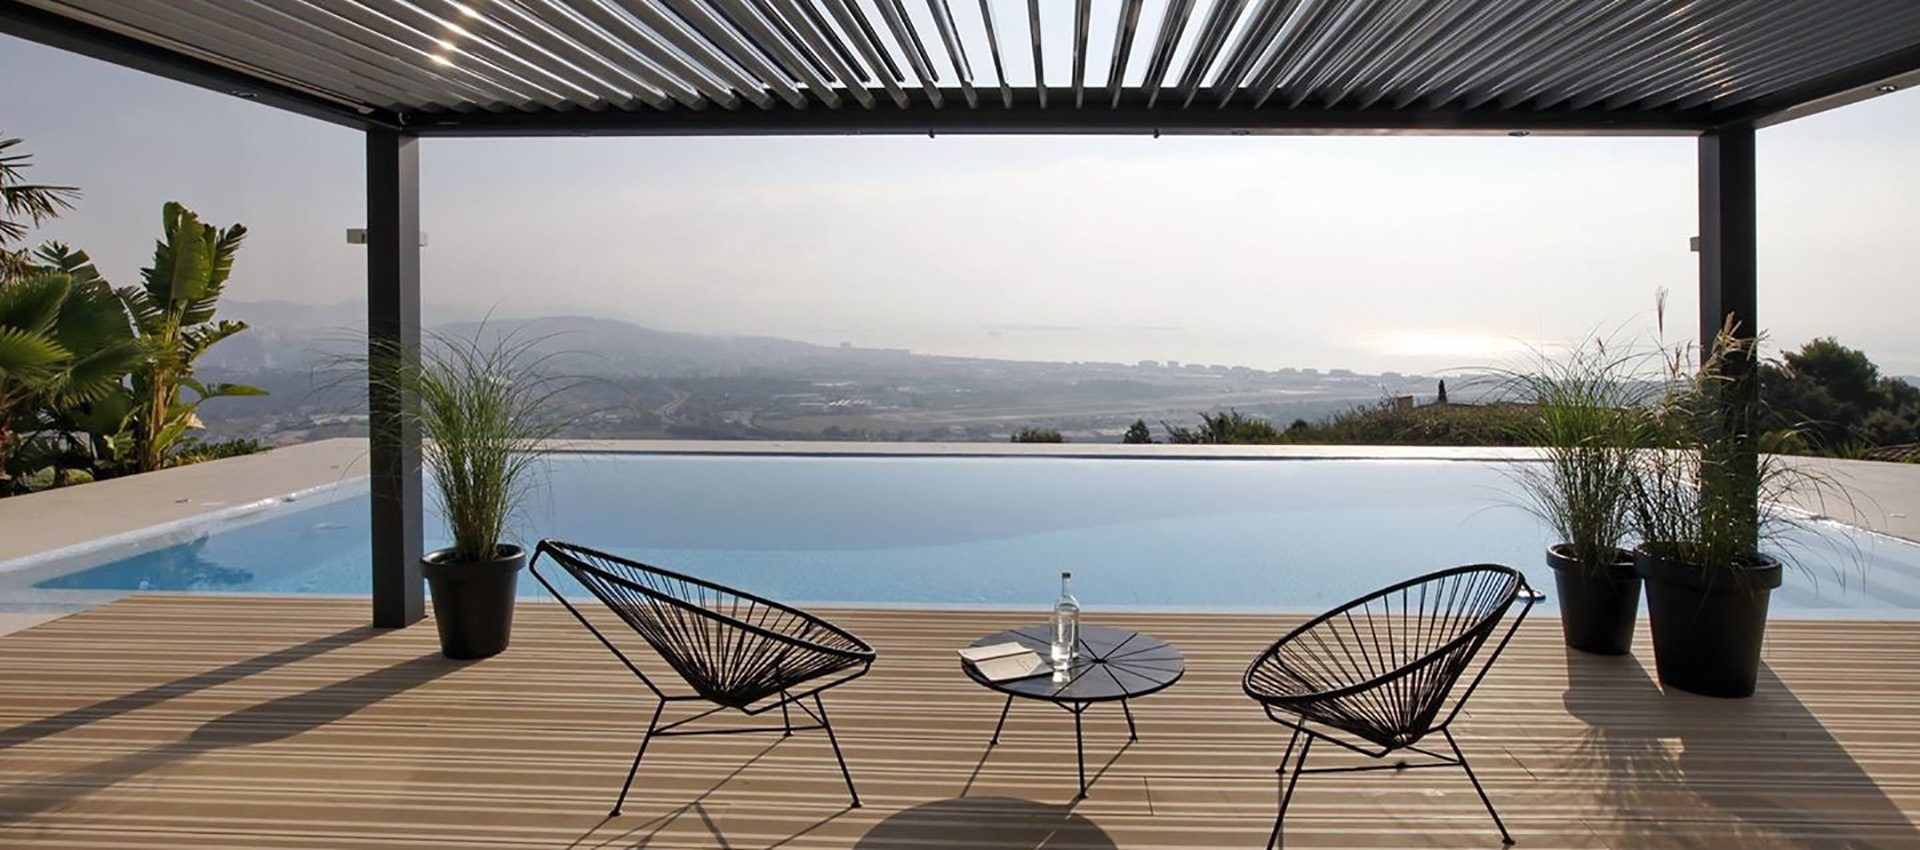 Pérgola bioclimática para terrazas y jardines